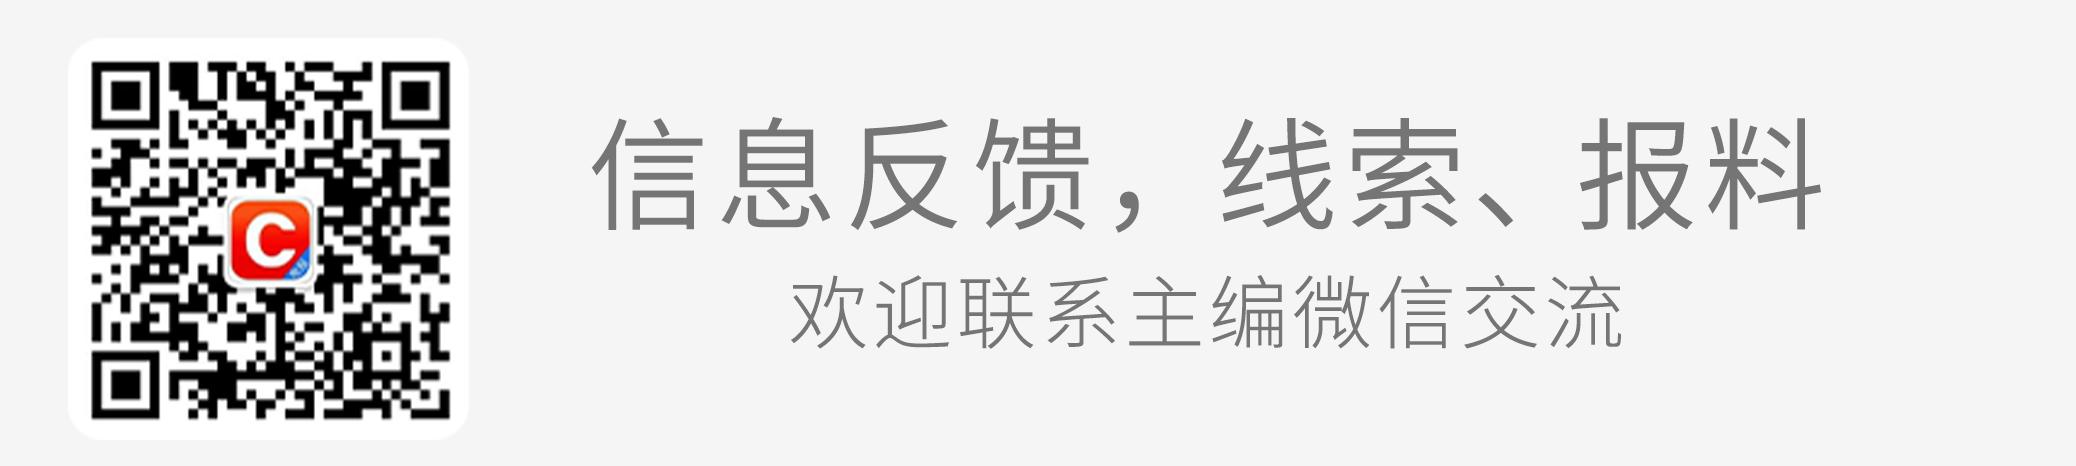 财联社保险早会(7月15日)